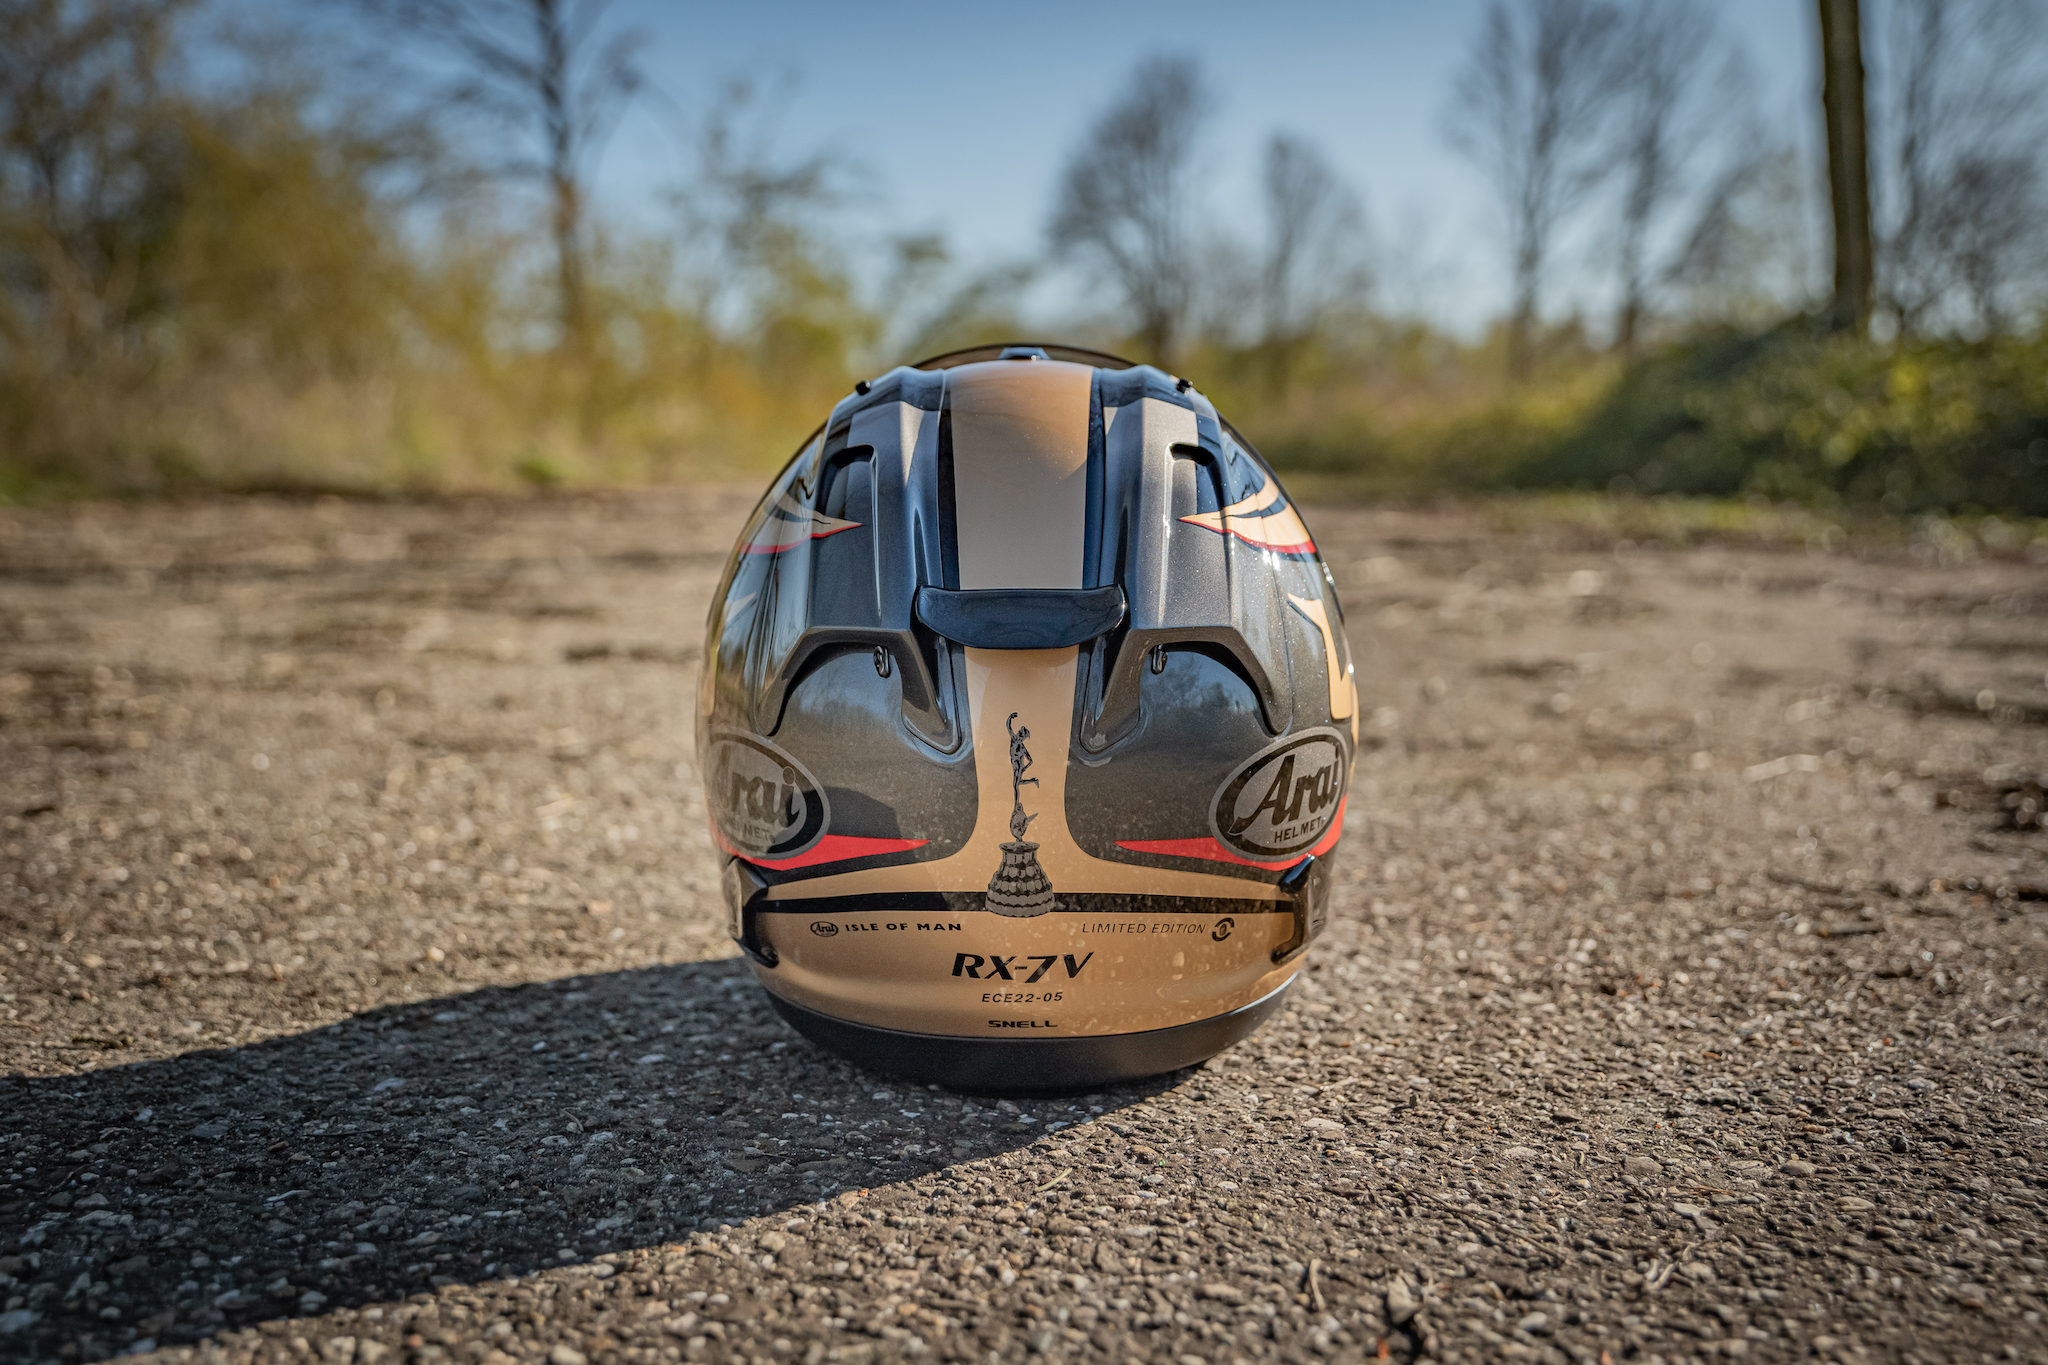 RX-7V TT